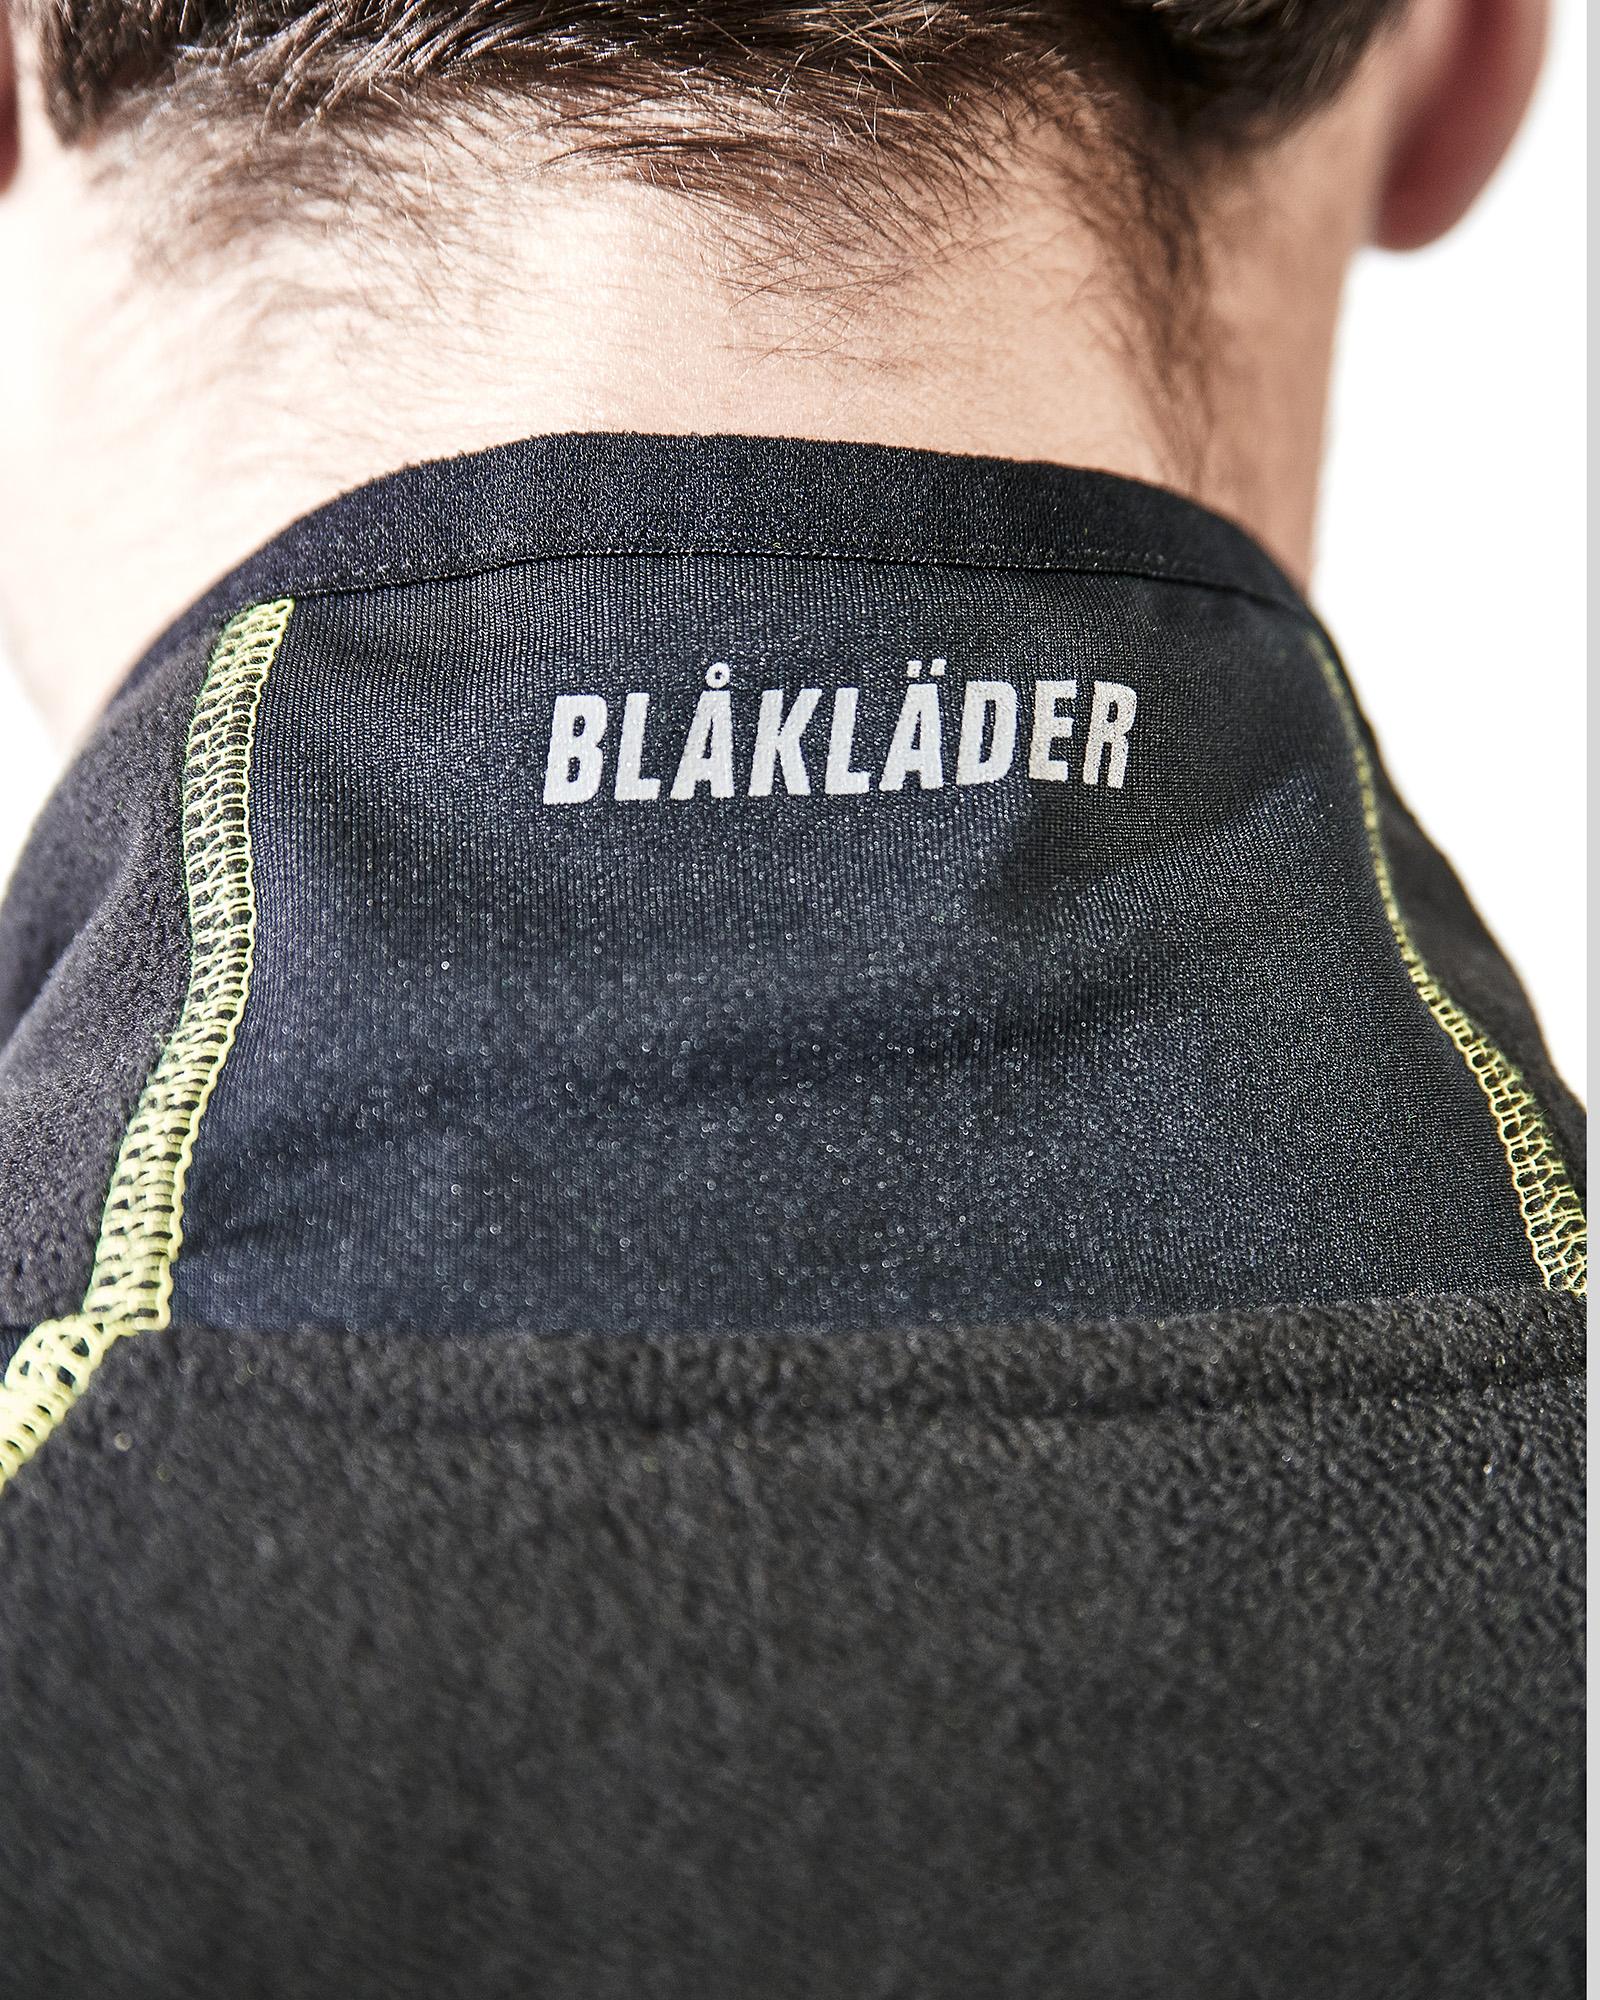 Black//Yellow Blakläder 4993 Zip Up Microfleece Jacket